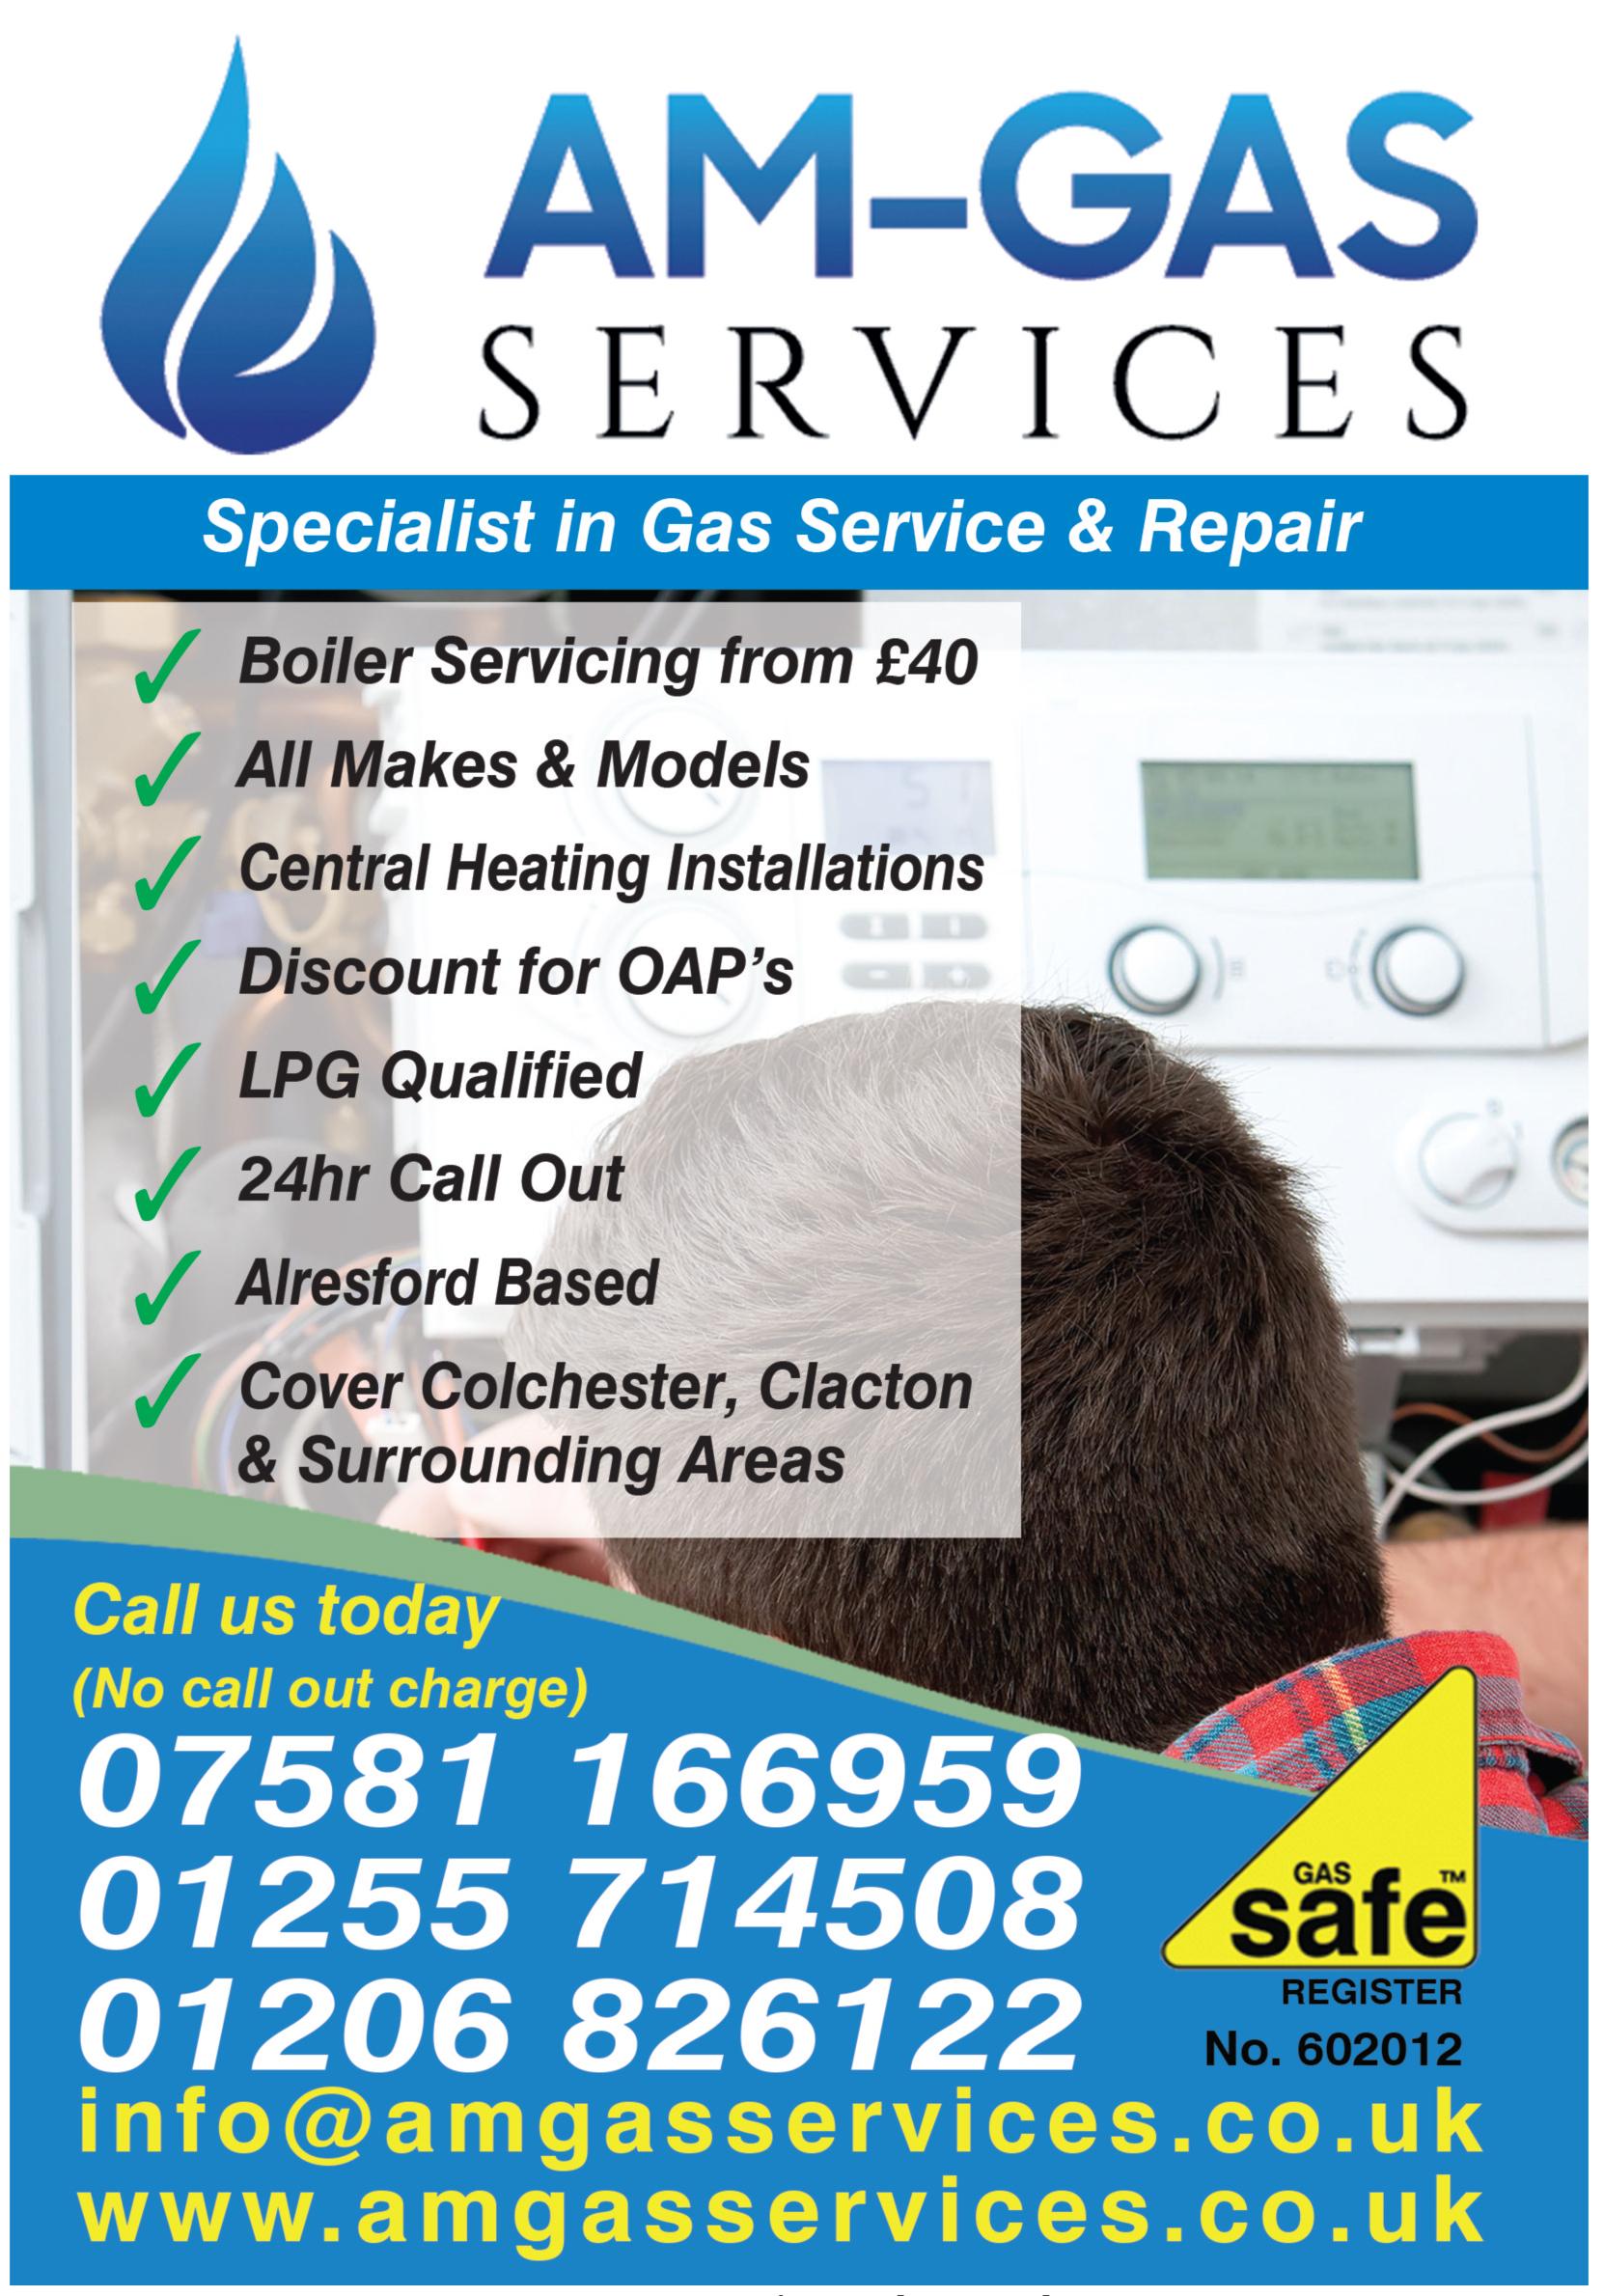 AM-GAS Services